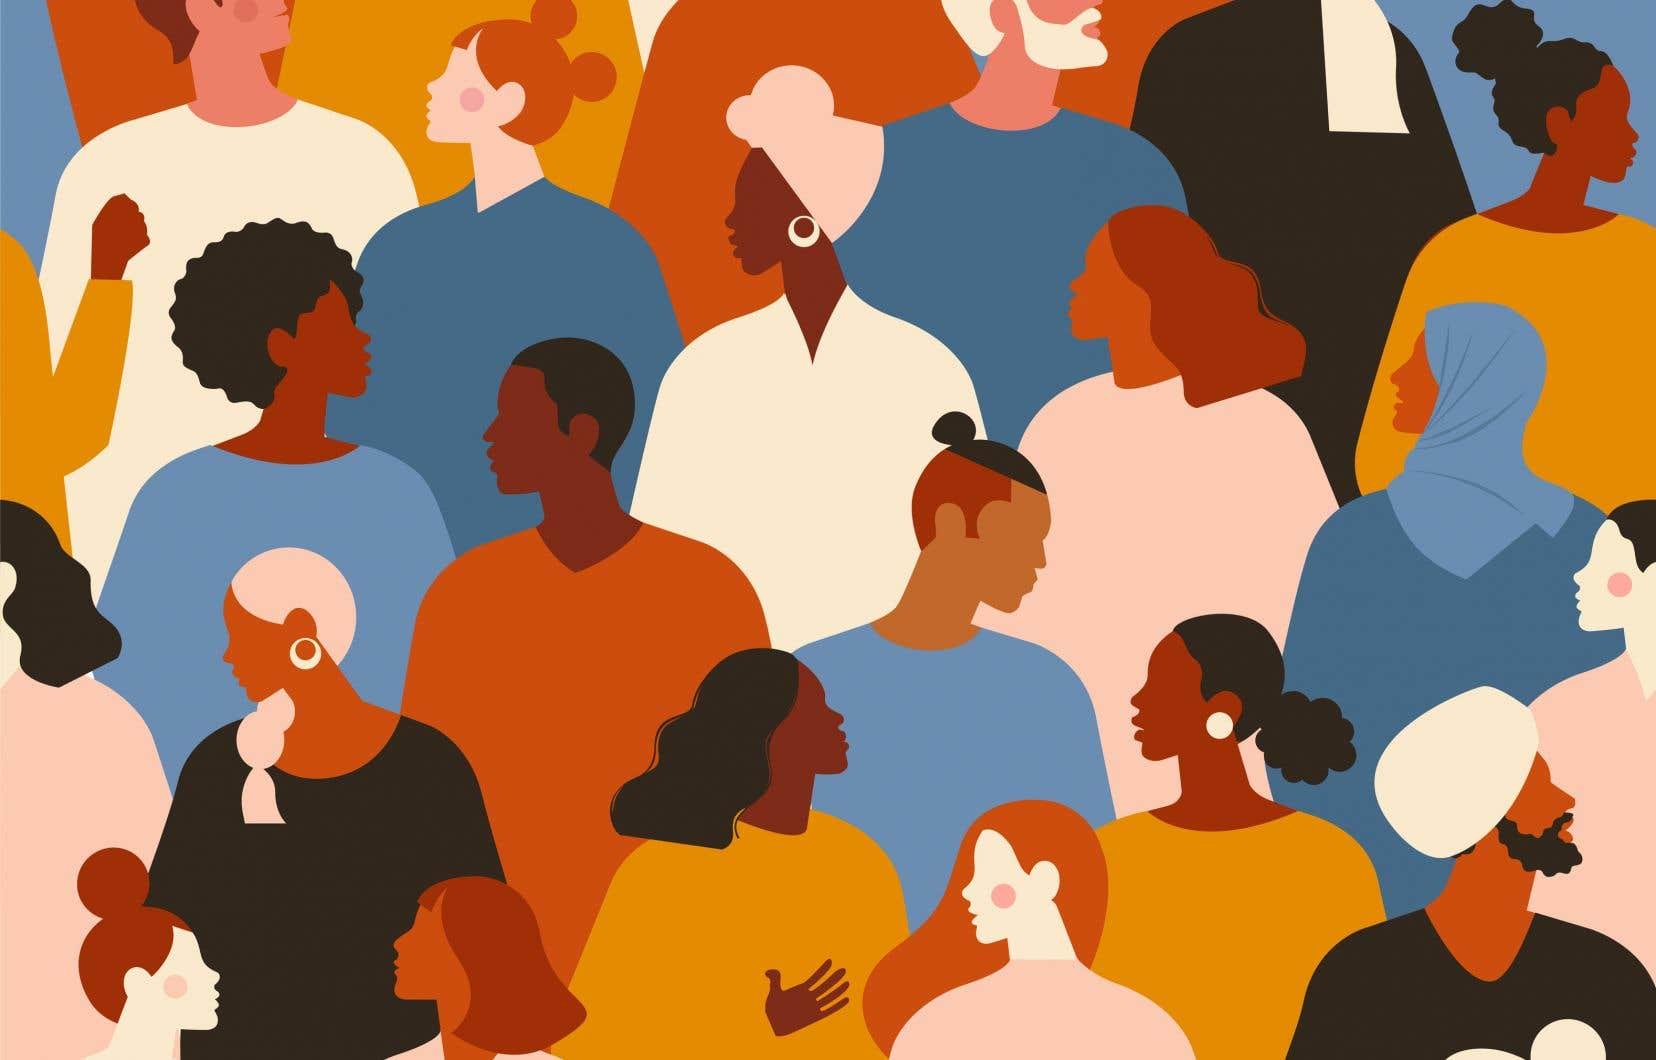 «Je rêve d'un milieu où tout le monde pourra auditionner pour tous les rôles. Qu'à une audition, on ne voit plus auditionner que des Blancs ou que des personnes racisées», écrit l'autrice.